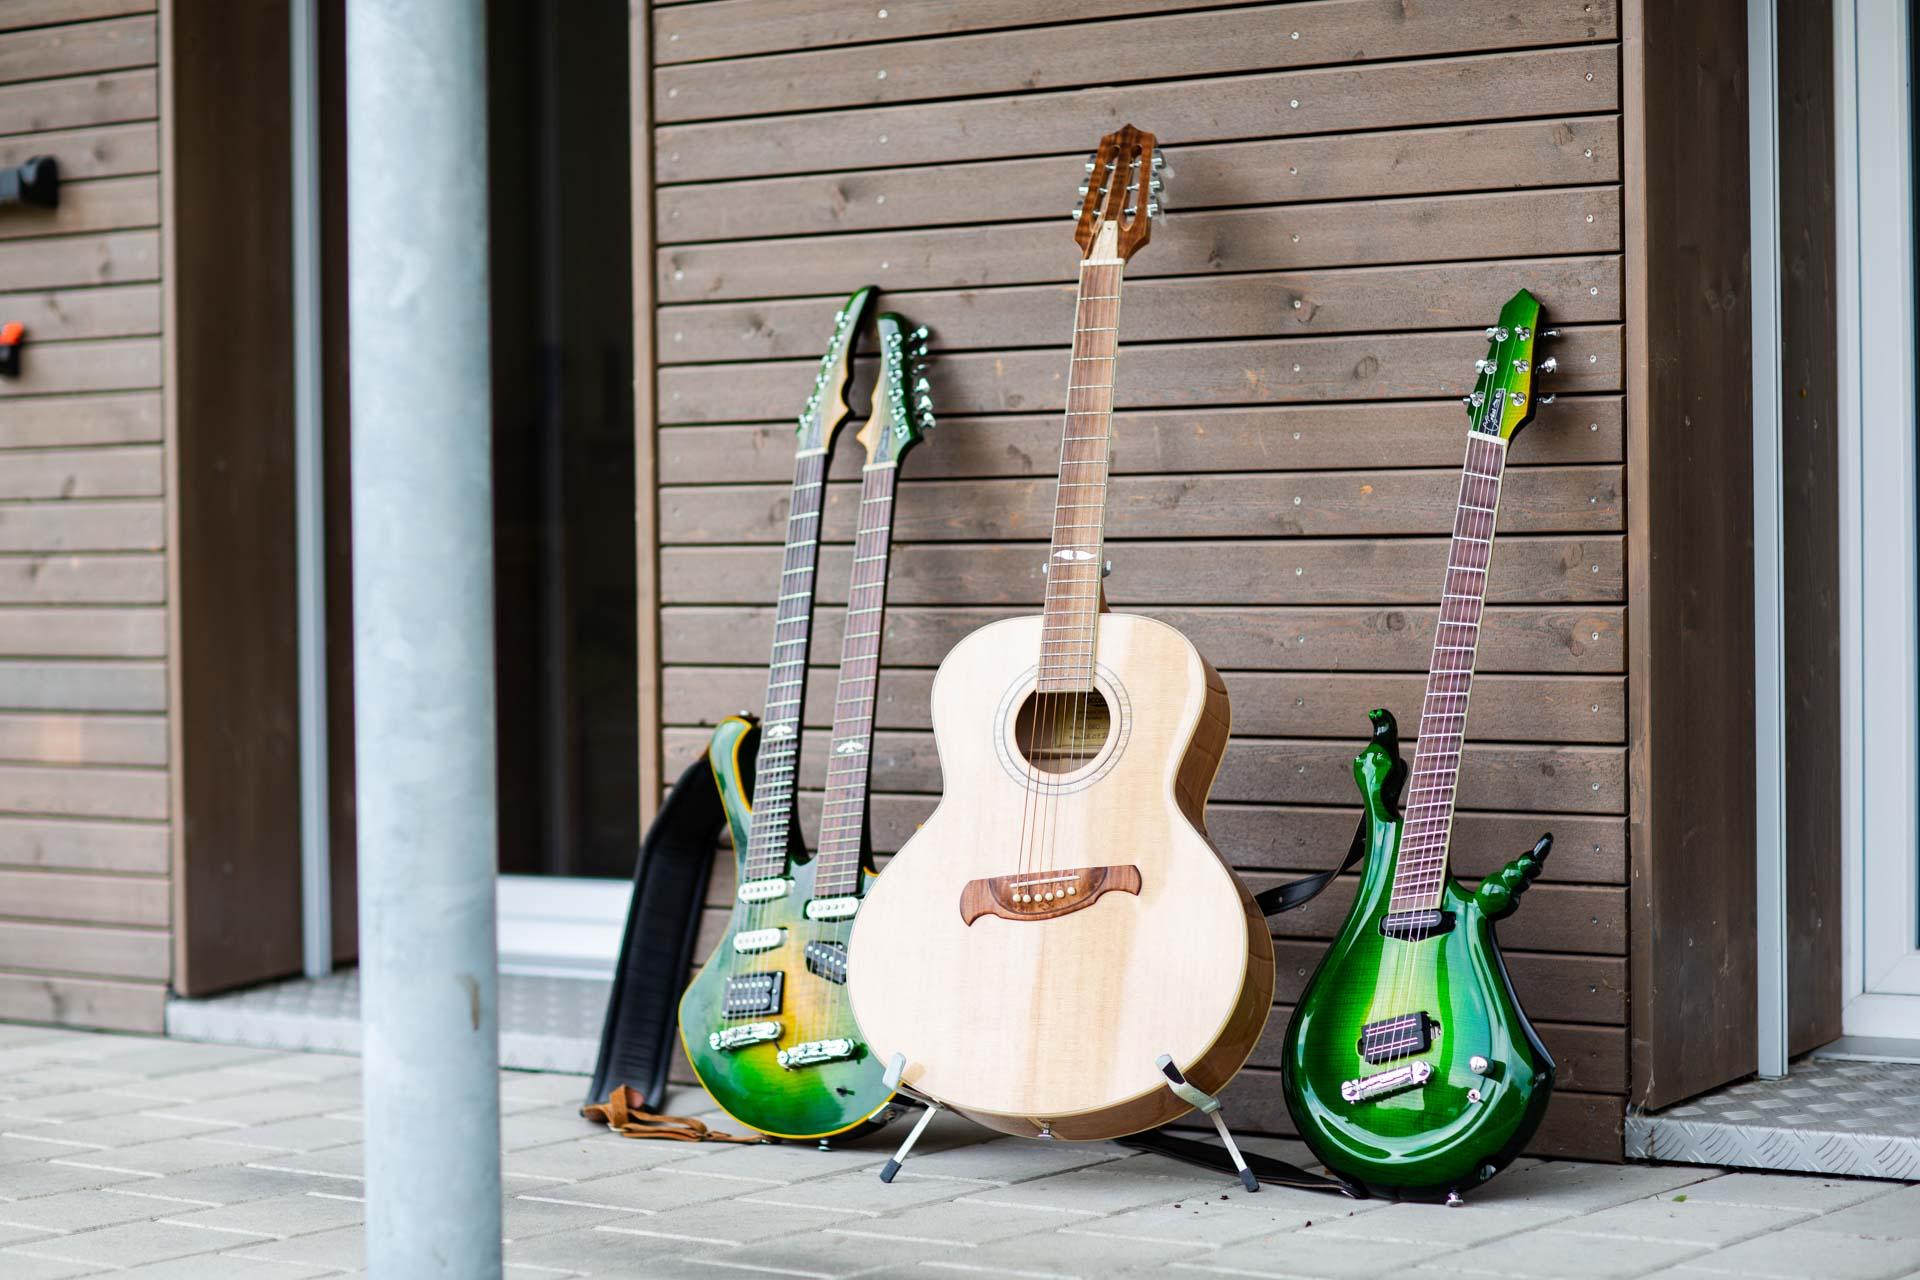 Occasio Guitars